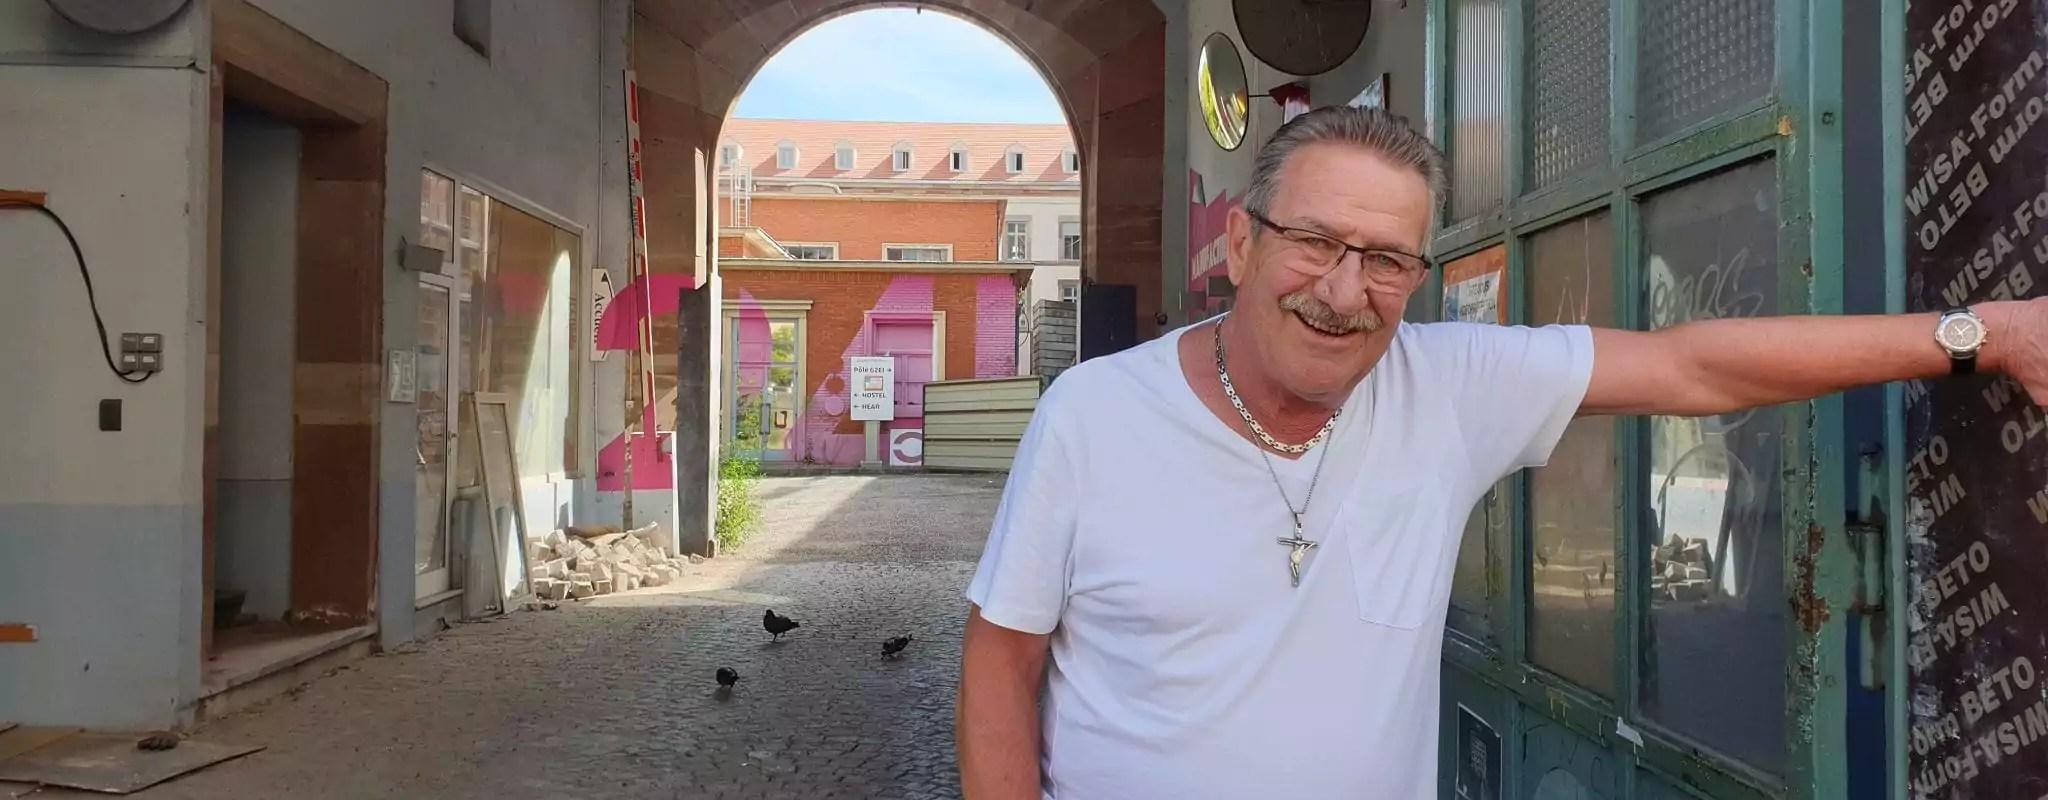 Jean-Claude Meyer, 70 ans à la Krutenau: «C'était un quartier haut-les-mains»